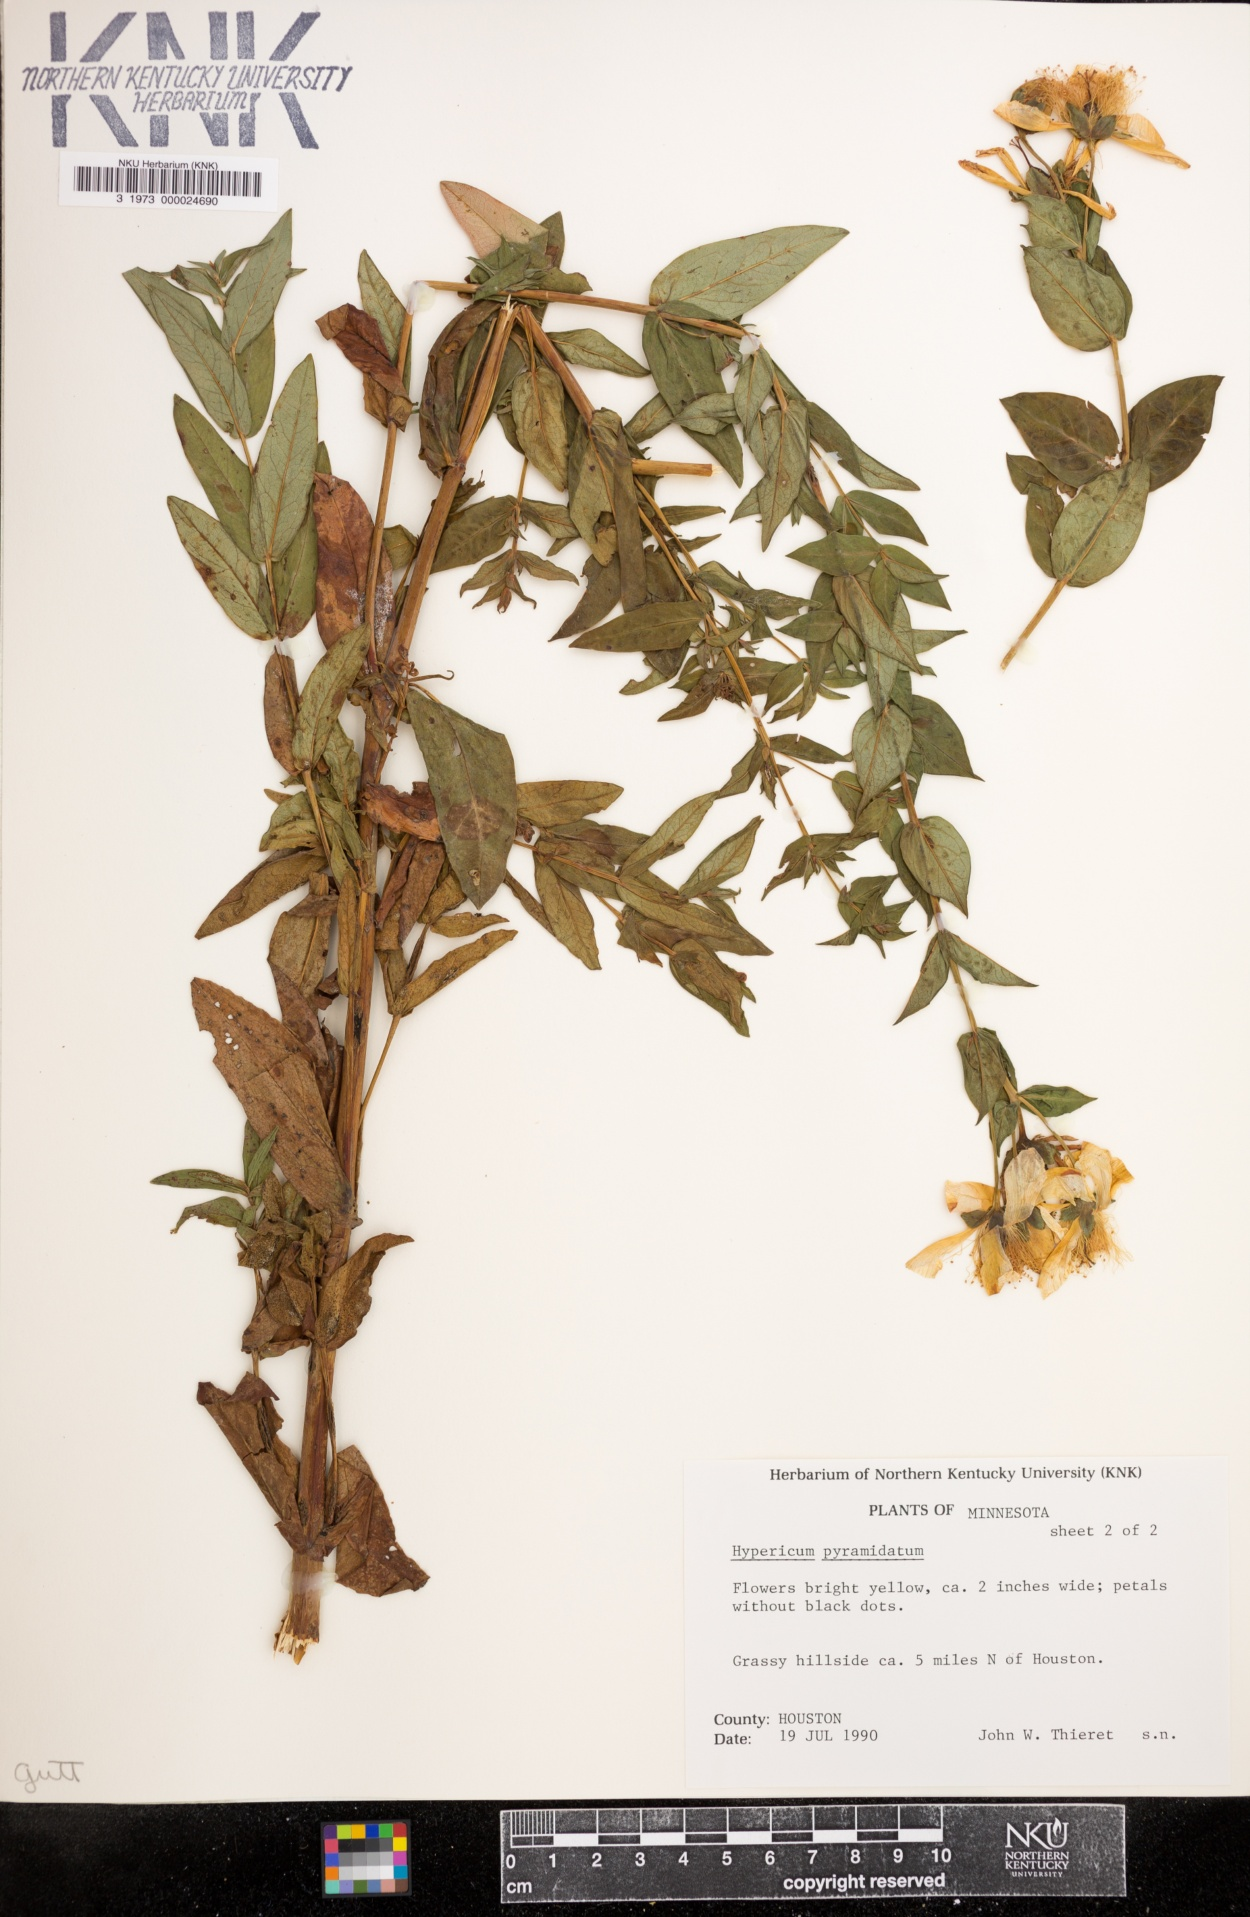 Hypericum pyramidatum image